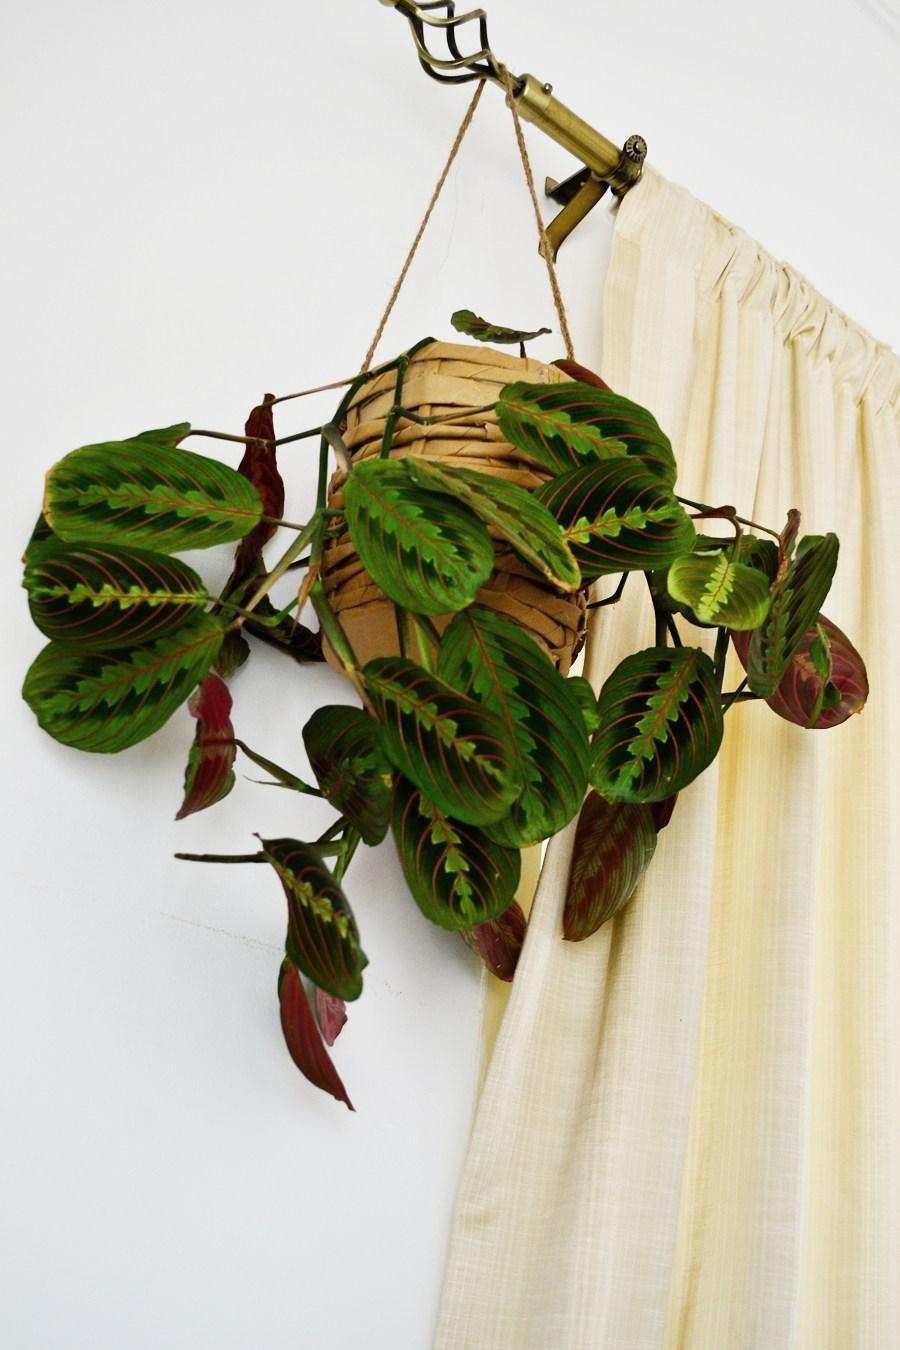 paperpot housedecoration plants paperdecoration idea paperbag creative decor interior diy pot